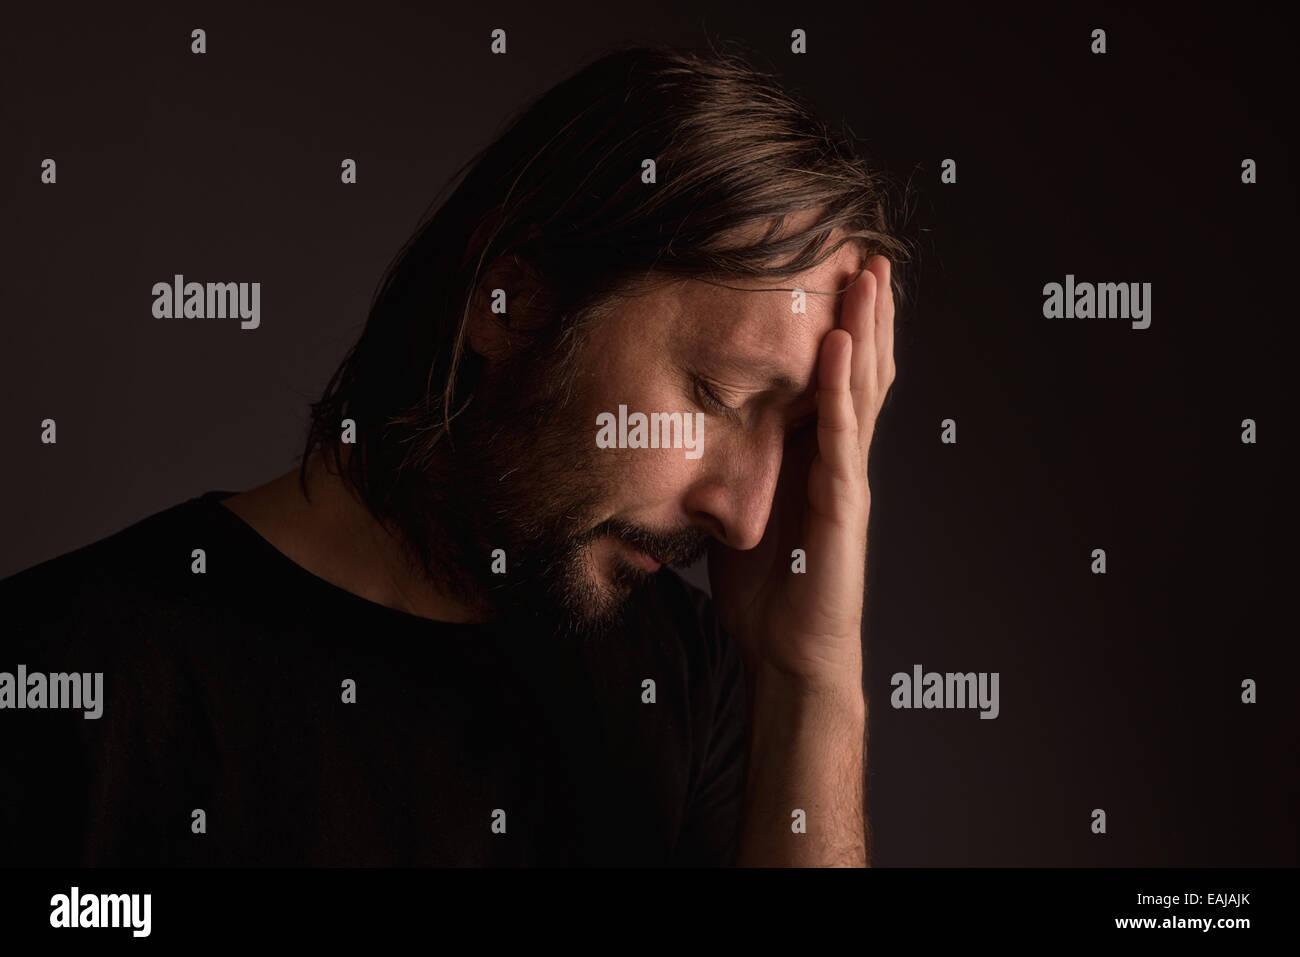 Bearded adult man with migraine headache, low key portrait - Stock Image